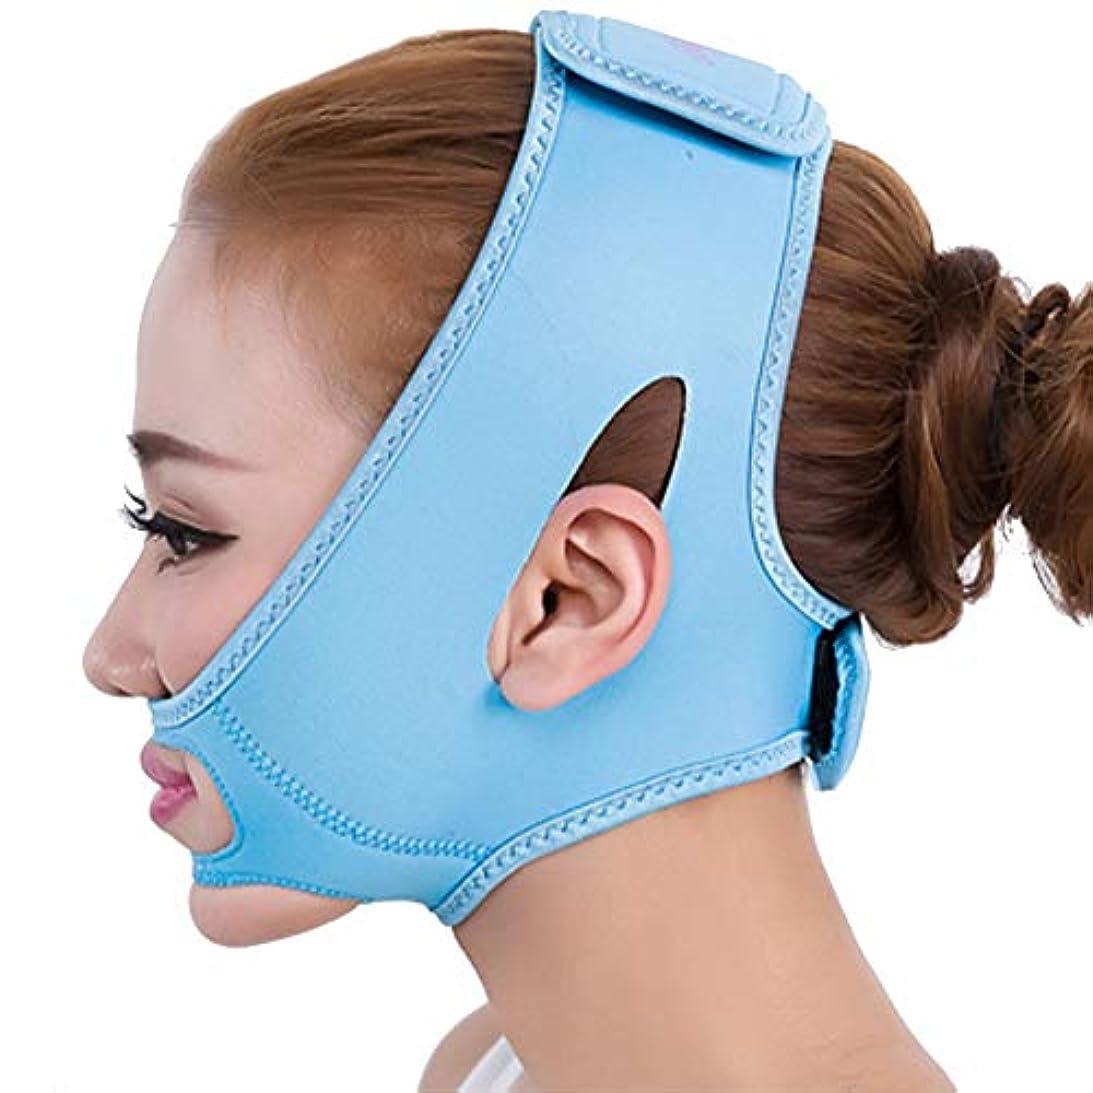 自分の感情セミナーフェイスリフトバンデージ、スリミングチークマスク、フェイシャルバンデージスリムアンチリンクルマスクフェイスバンドリフティングダブルチンバンデージチンアップパッチVフェイスラインベルトストラップフェイススリムマスク